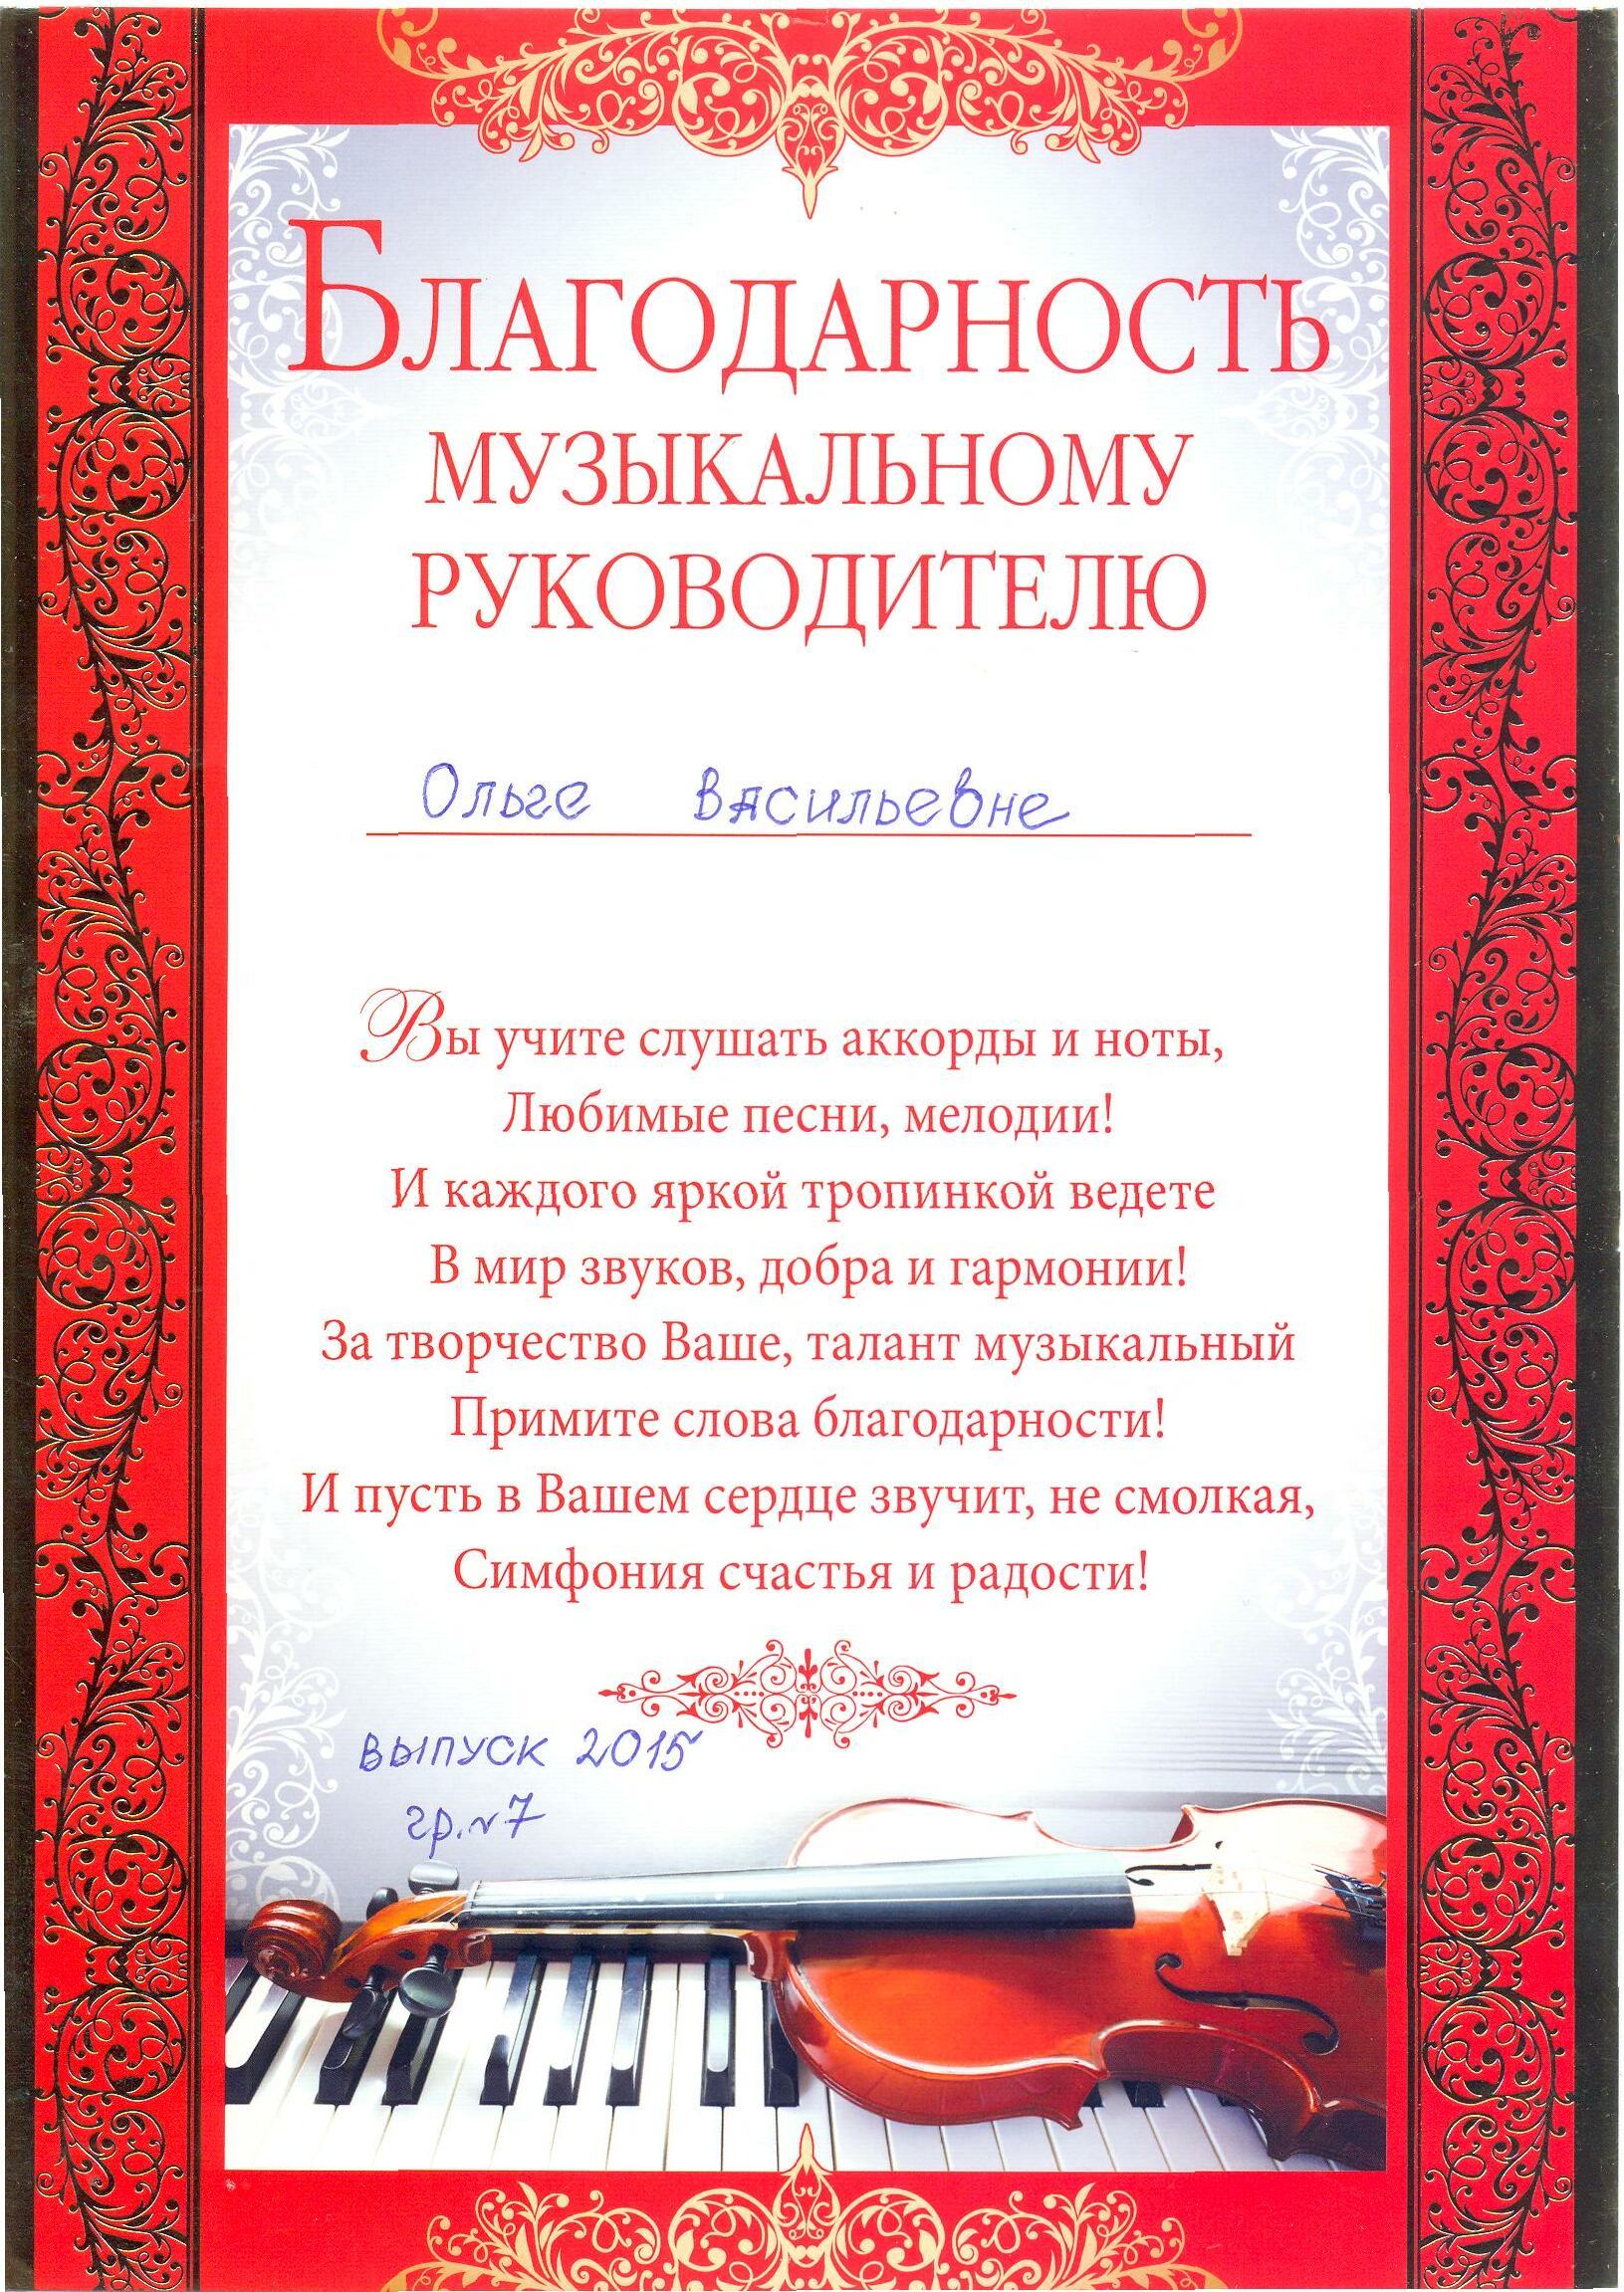 казахстане поздравления педагогу по вокалу в прозе моих стихах обнаружите